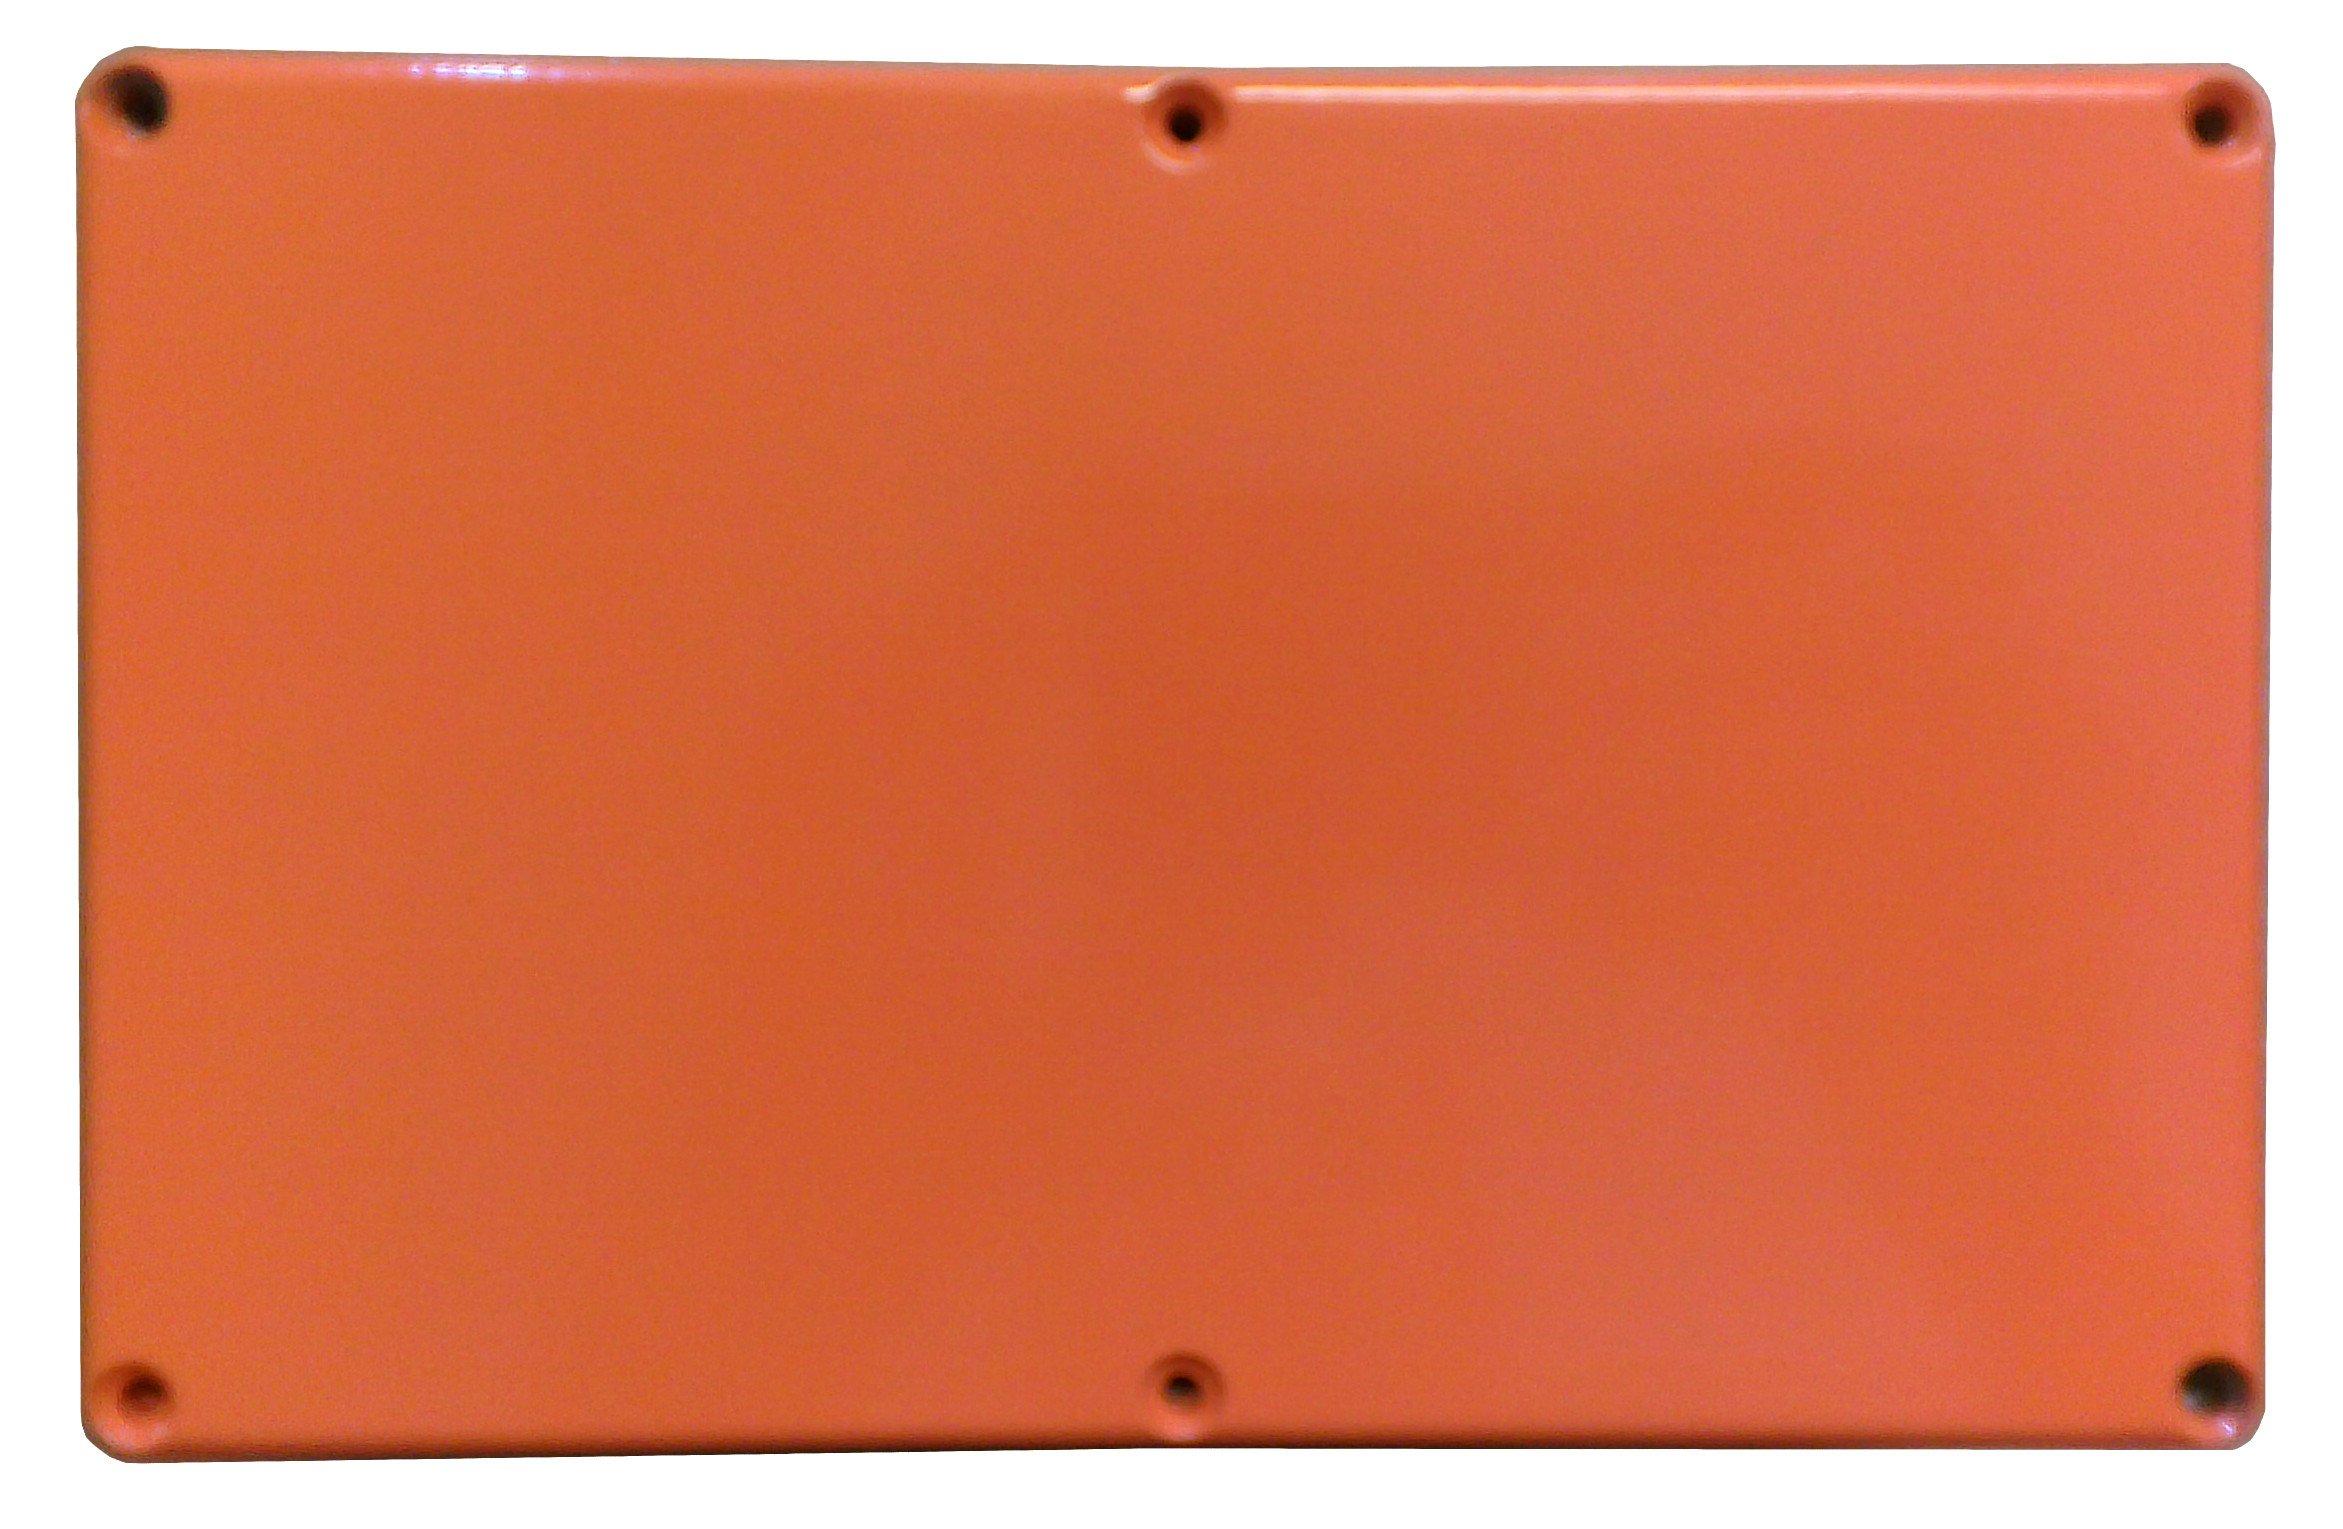 Hammond 1590EOR Orange Diecast Aluminum Enclosure -- Inches (7.38'' x 4.70'' x 3.07'') mm (188mm x 120mm x 78mm)